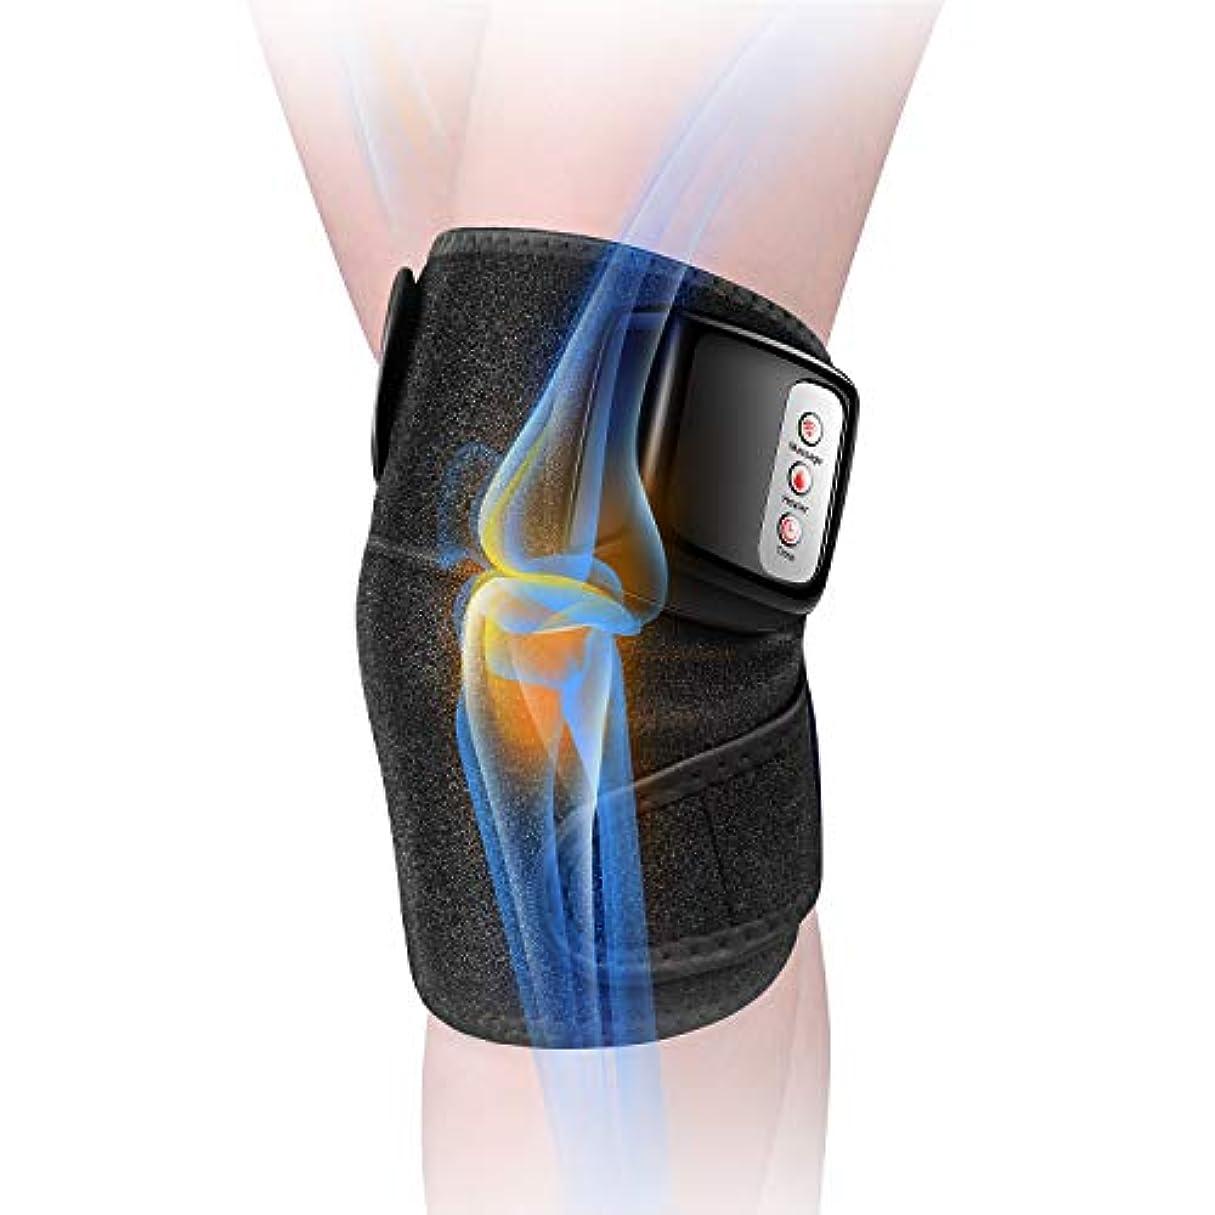 血統もう一度冒険家膝マッサージャー 関節マッサージャー マッサージ器 フットマッサージャー 振動 赤外線療法 温熱療法 膝サポーター ストレス解消 肩 太もも/腕対応